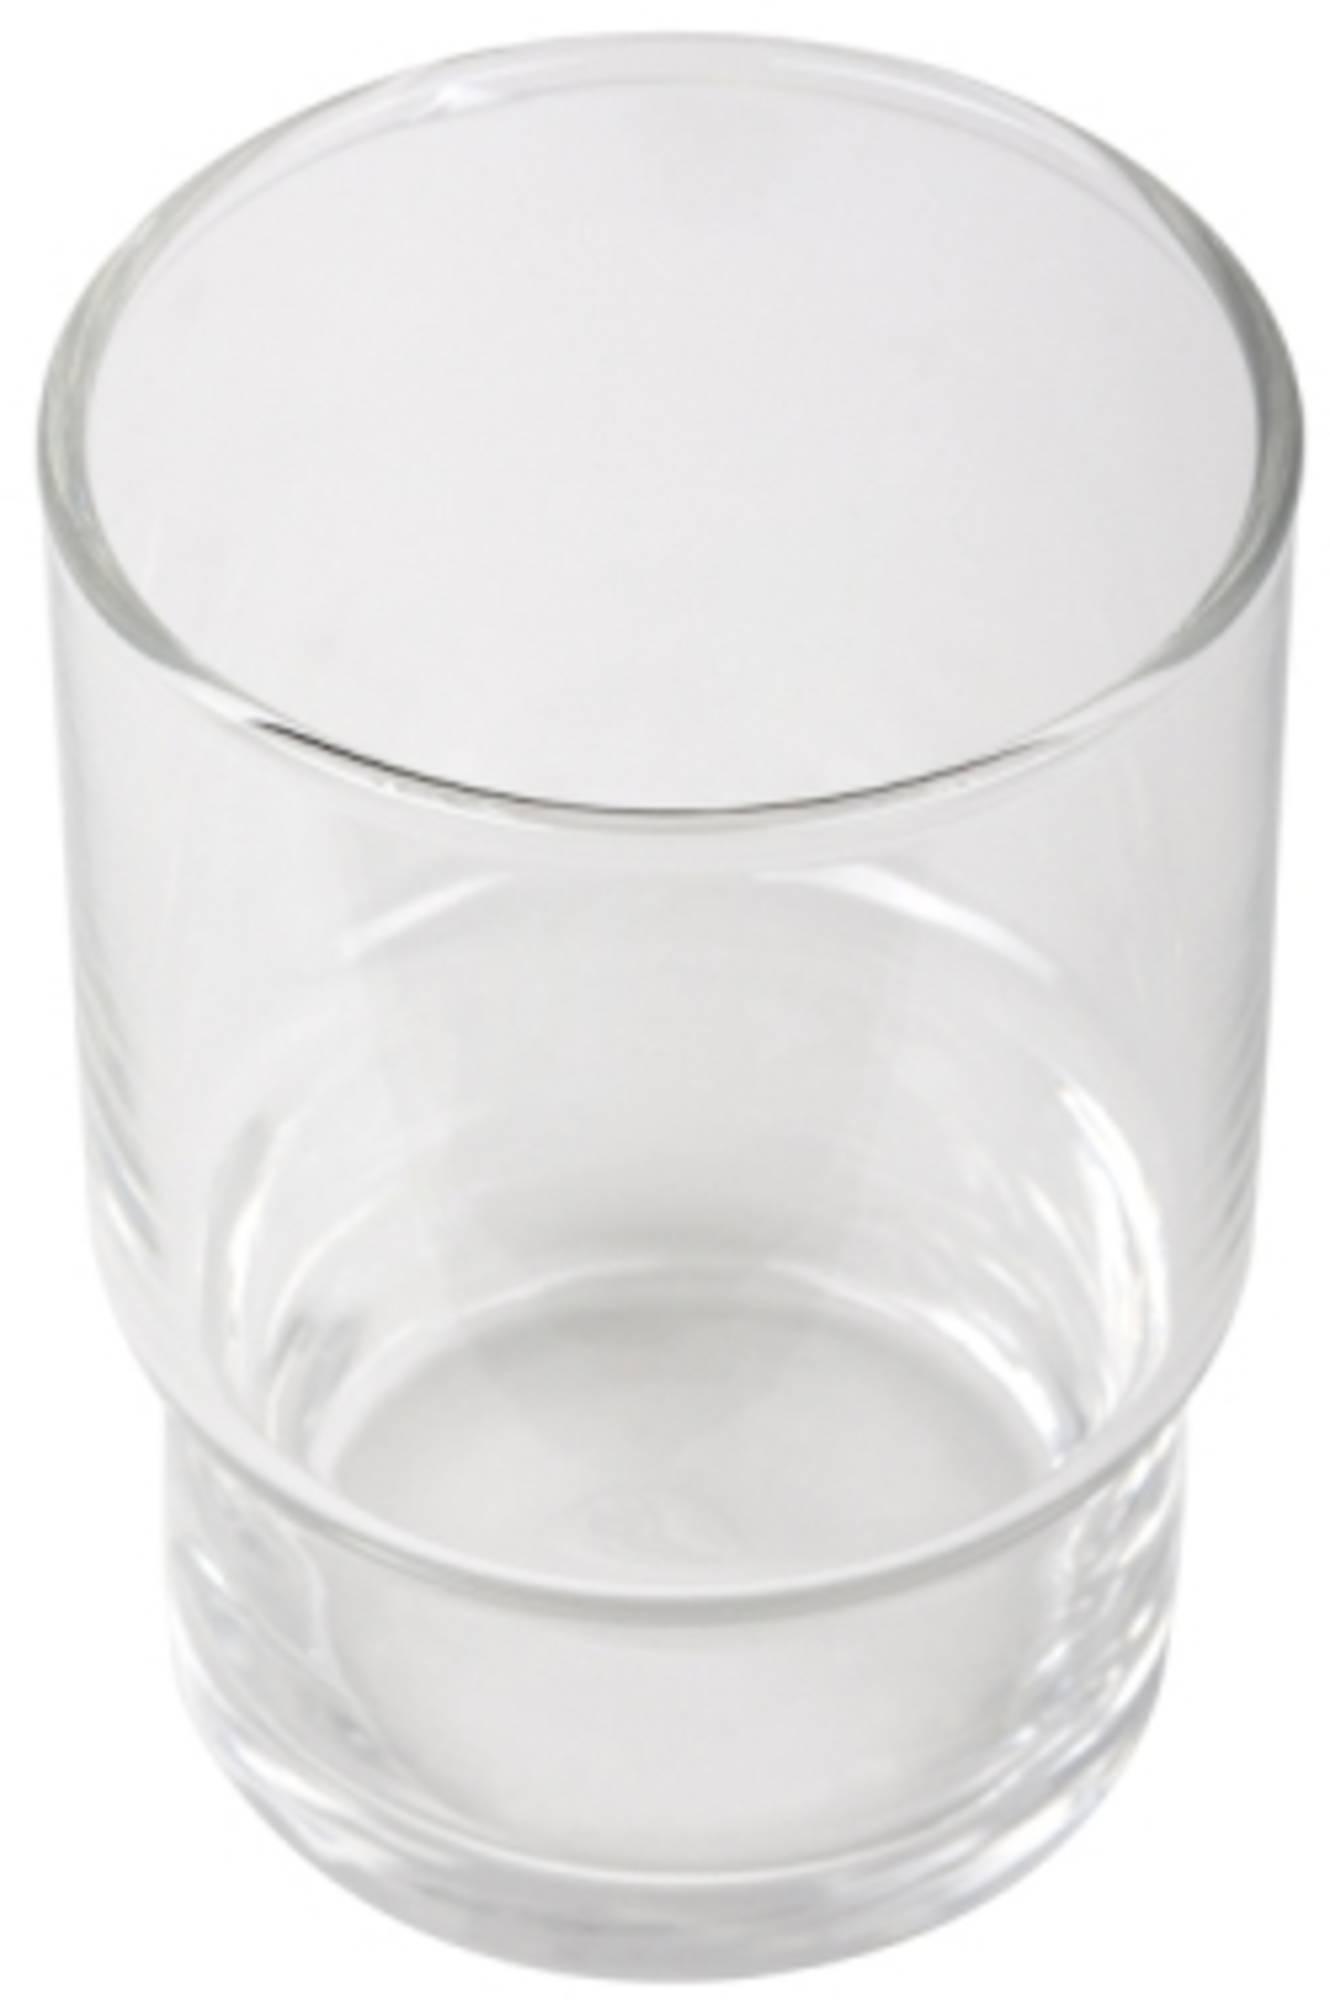 GEESA glas voor glashouder helder voor oa 6502 en 2402 (224802)